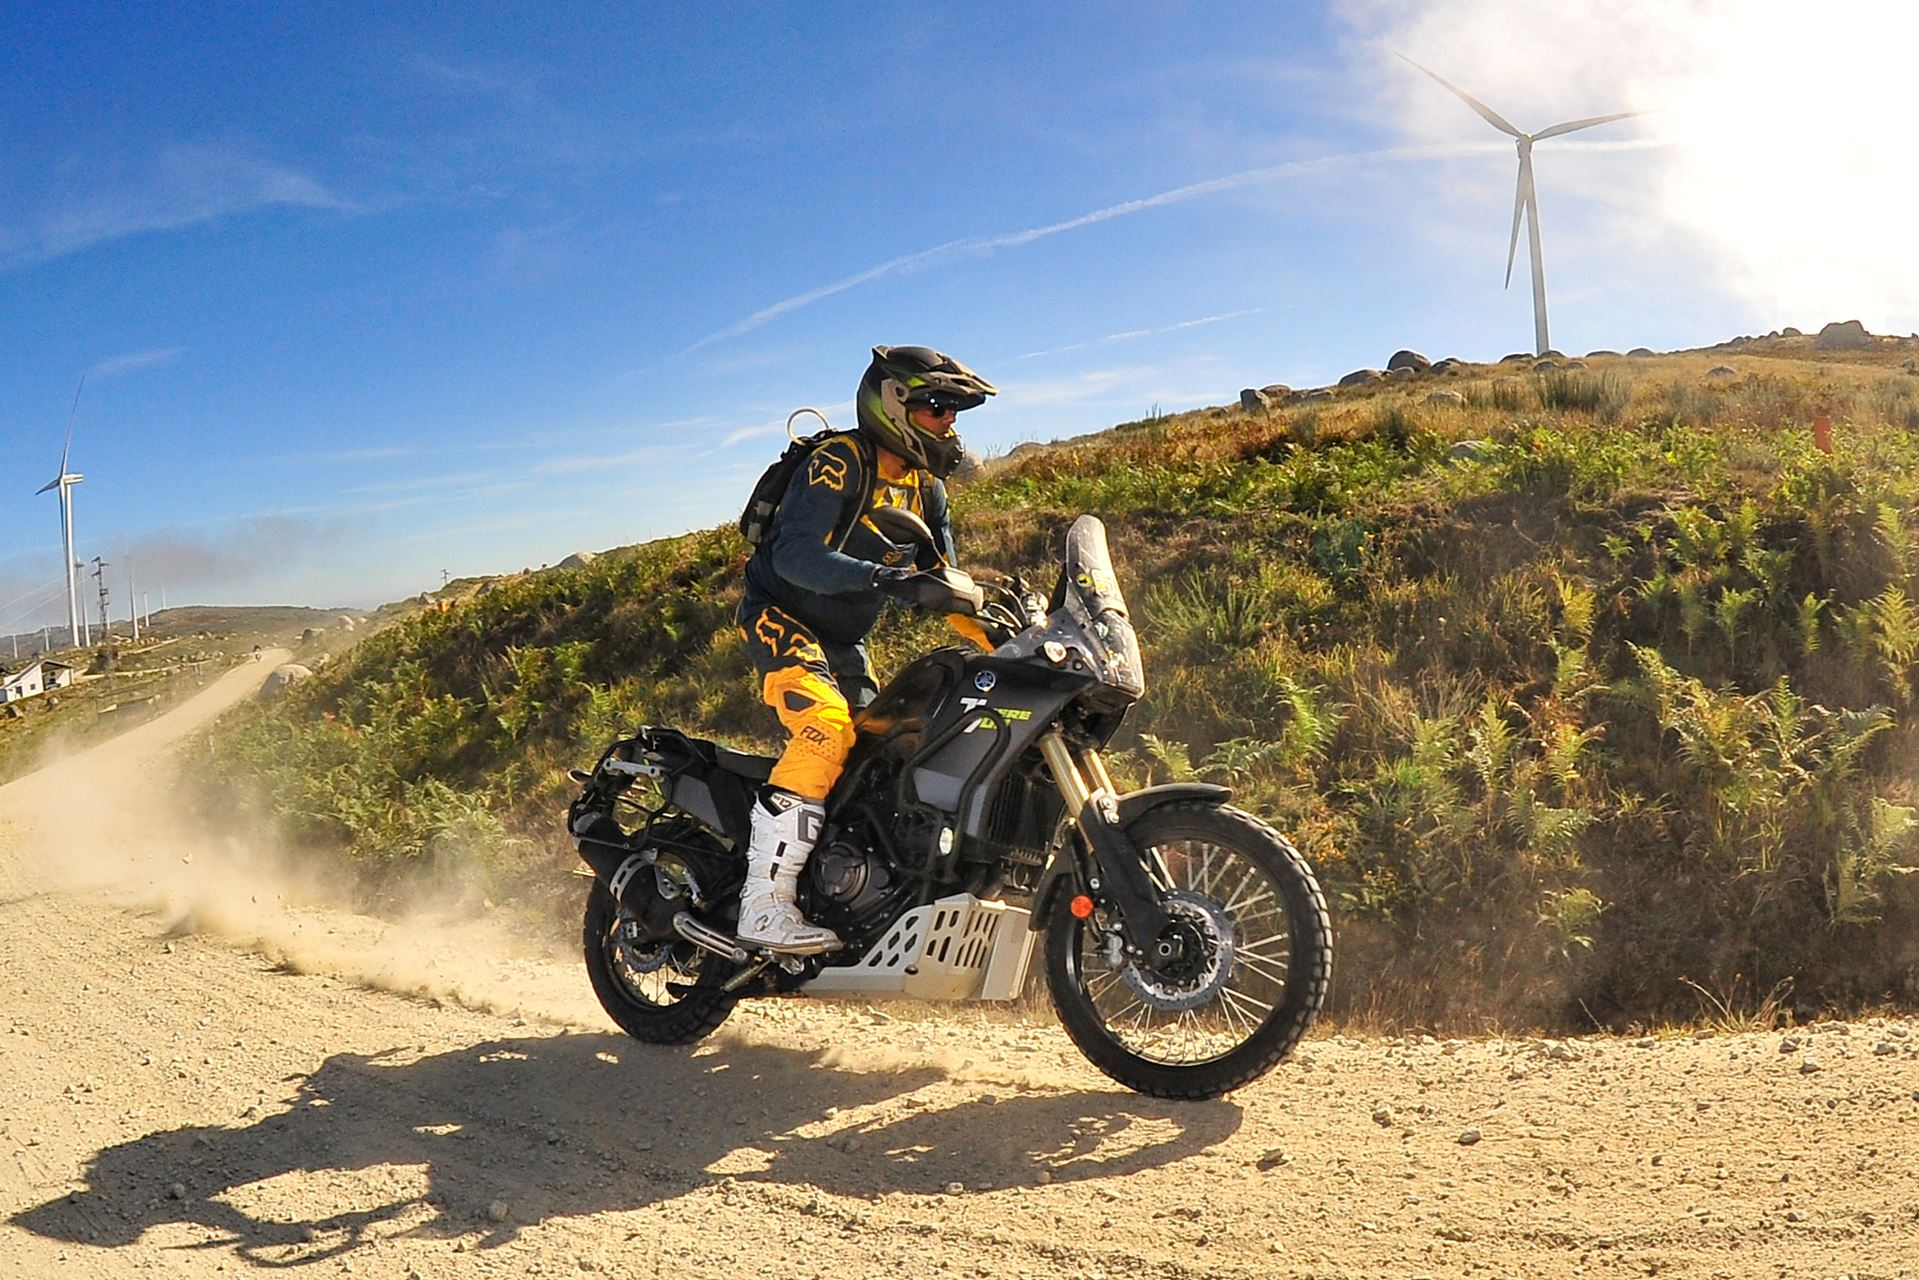 Тест-драйв мотоцикла Yamaha XTZ660 Tenere